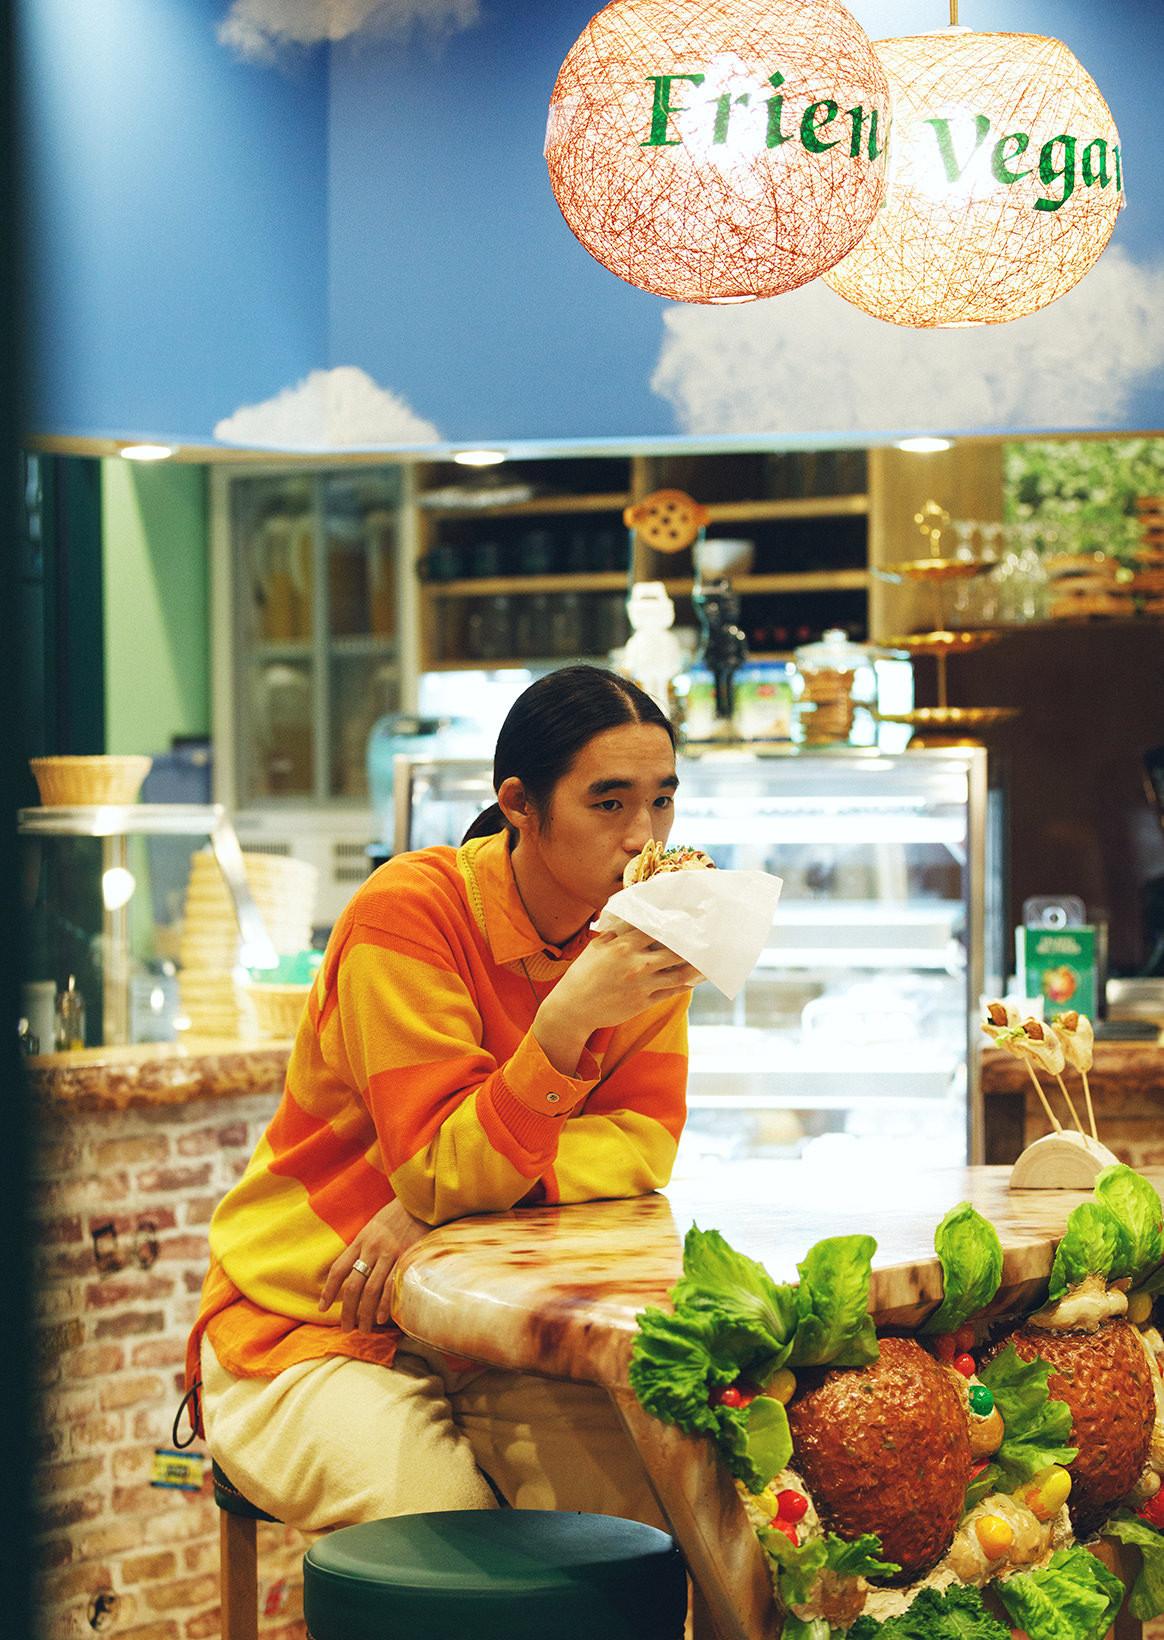 เคียวเอ ฮะโทะริวาตู FALAFEL BROTHERS | ที่ร้านอาหารที่มีความเชี่ยวชาญจากประเทศอิสราเอลที่กิน และตอบสนอง และอาหาร Vee มะเร็งโดดเด่นลิ้มรสได้